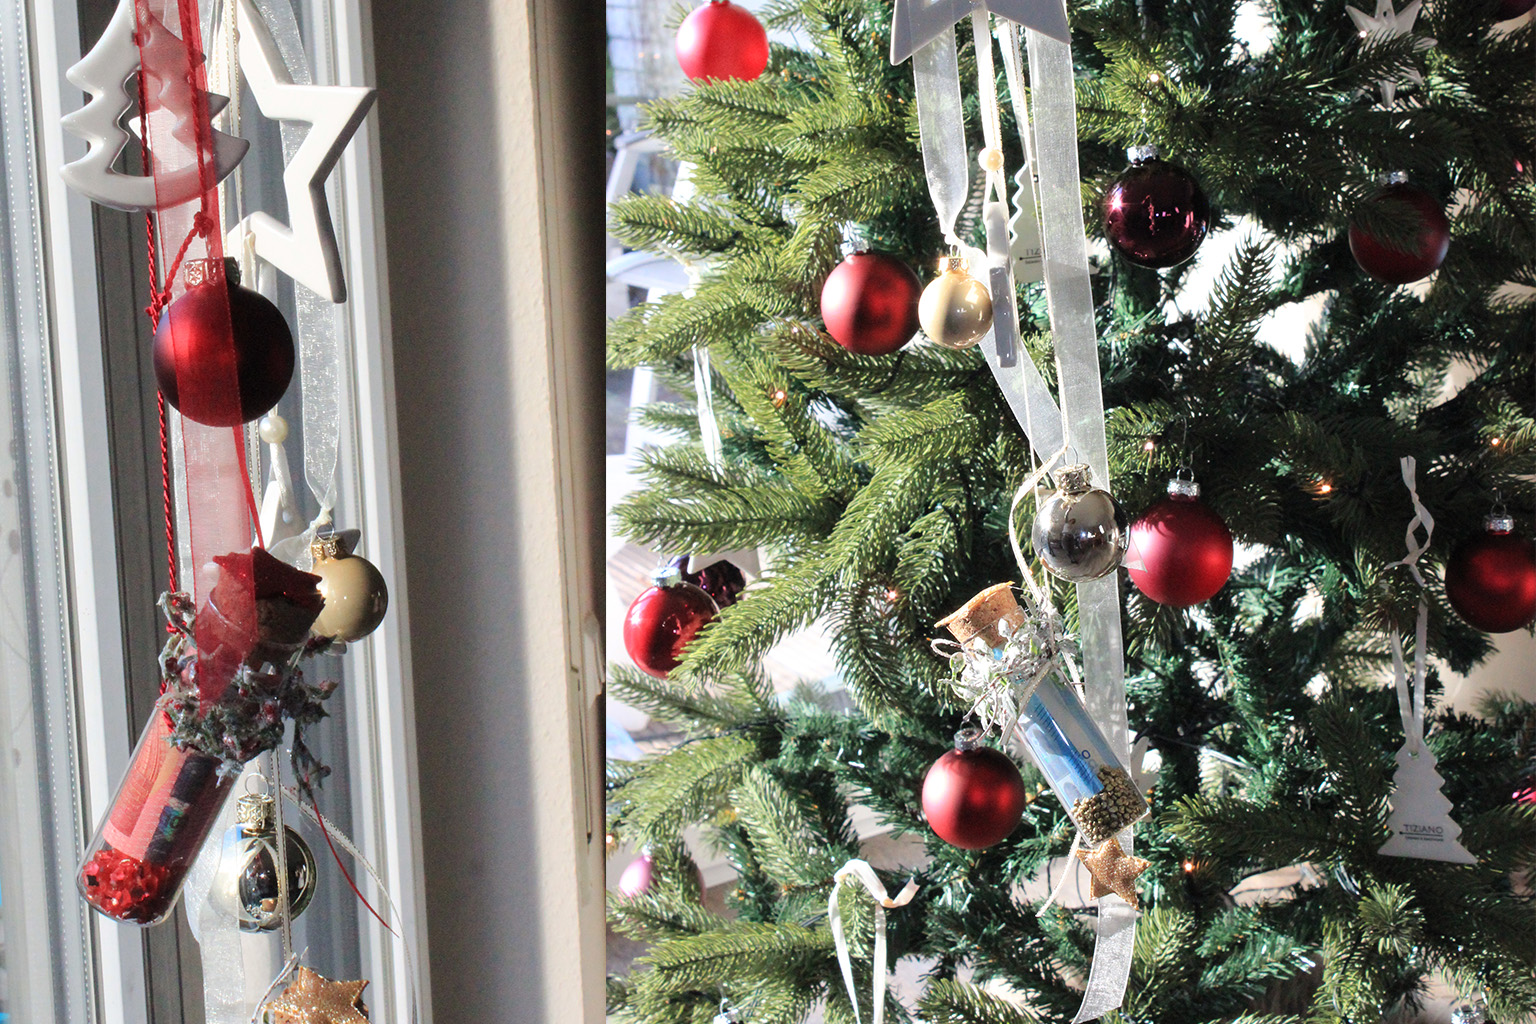 Geldgeschenke Weihnachten.Geldgeschenke Zu Weihnachten Stilvoll Verpacken Tiziano